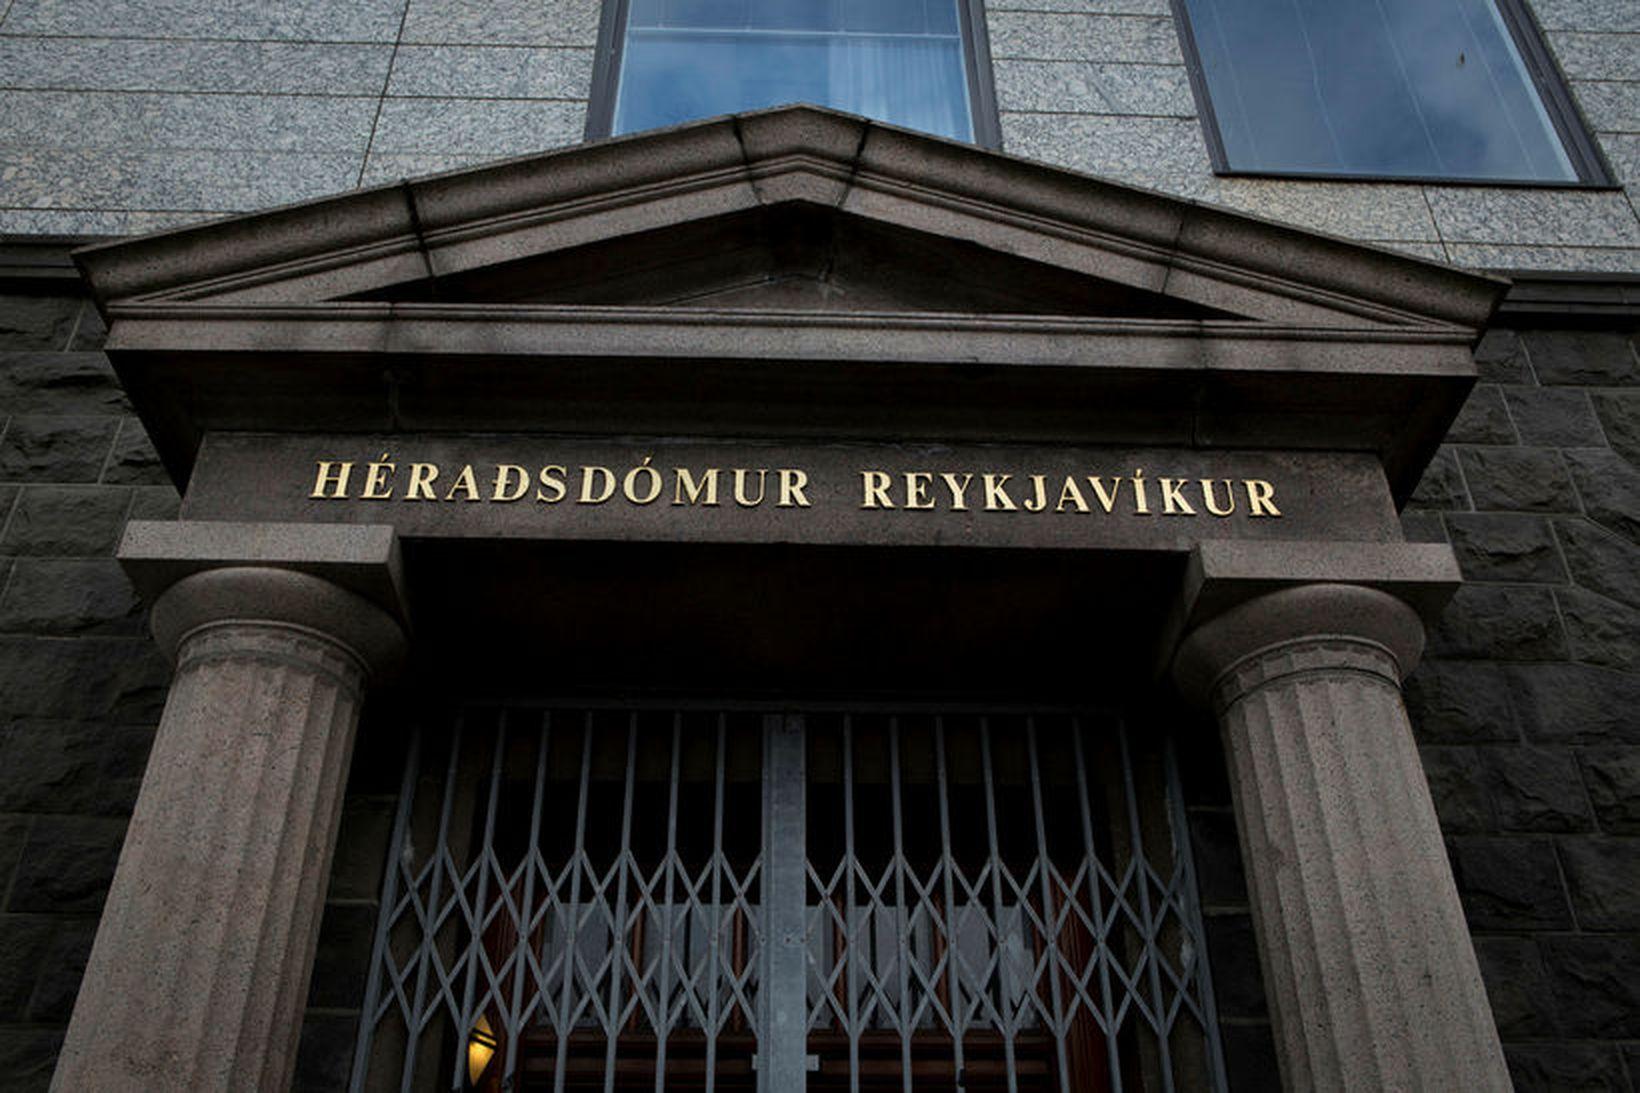 Héraðsdómur Reykjavíkur dæmdi í gær tvo bræður til að greiða …